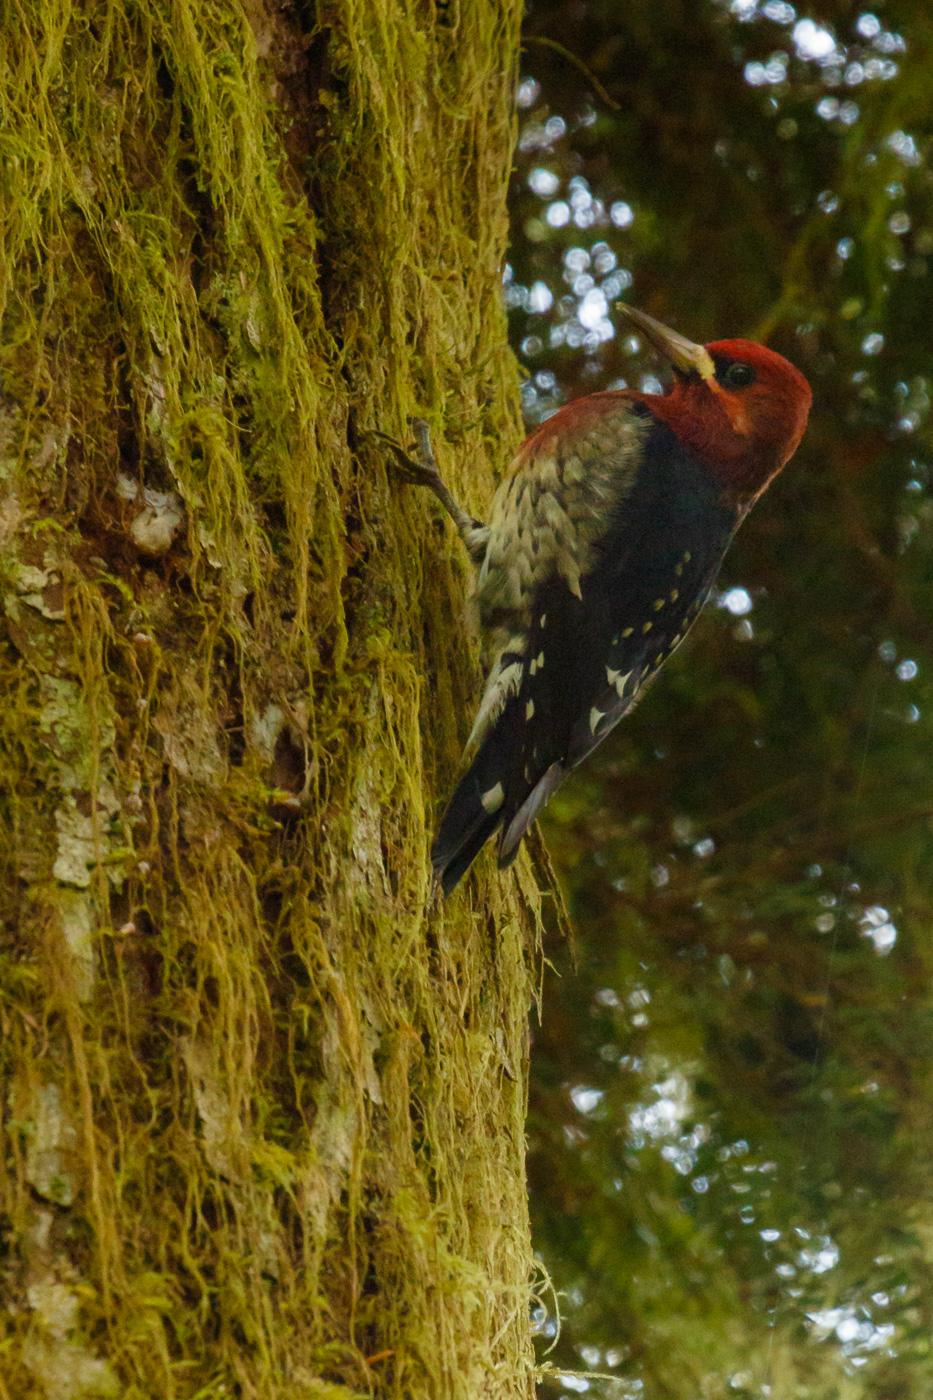 Red-breasted sapsucker (Sphyrapicus ruber), Vancouver island, Canada. - Fauna de Nord-Amèrica - Raül Carmona - Fotografia, Fotografia d'estudi, esdeveniments i Natura